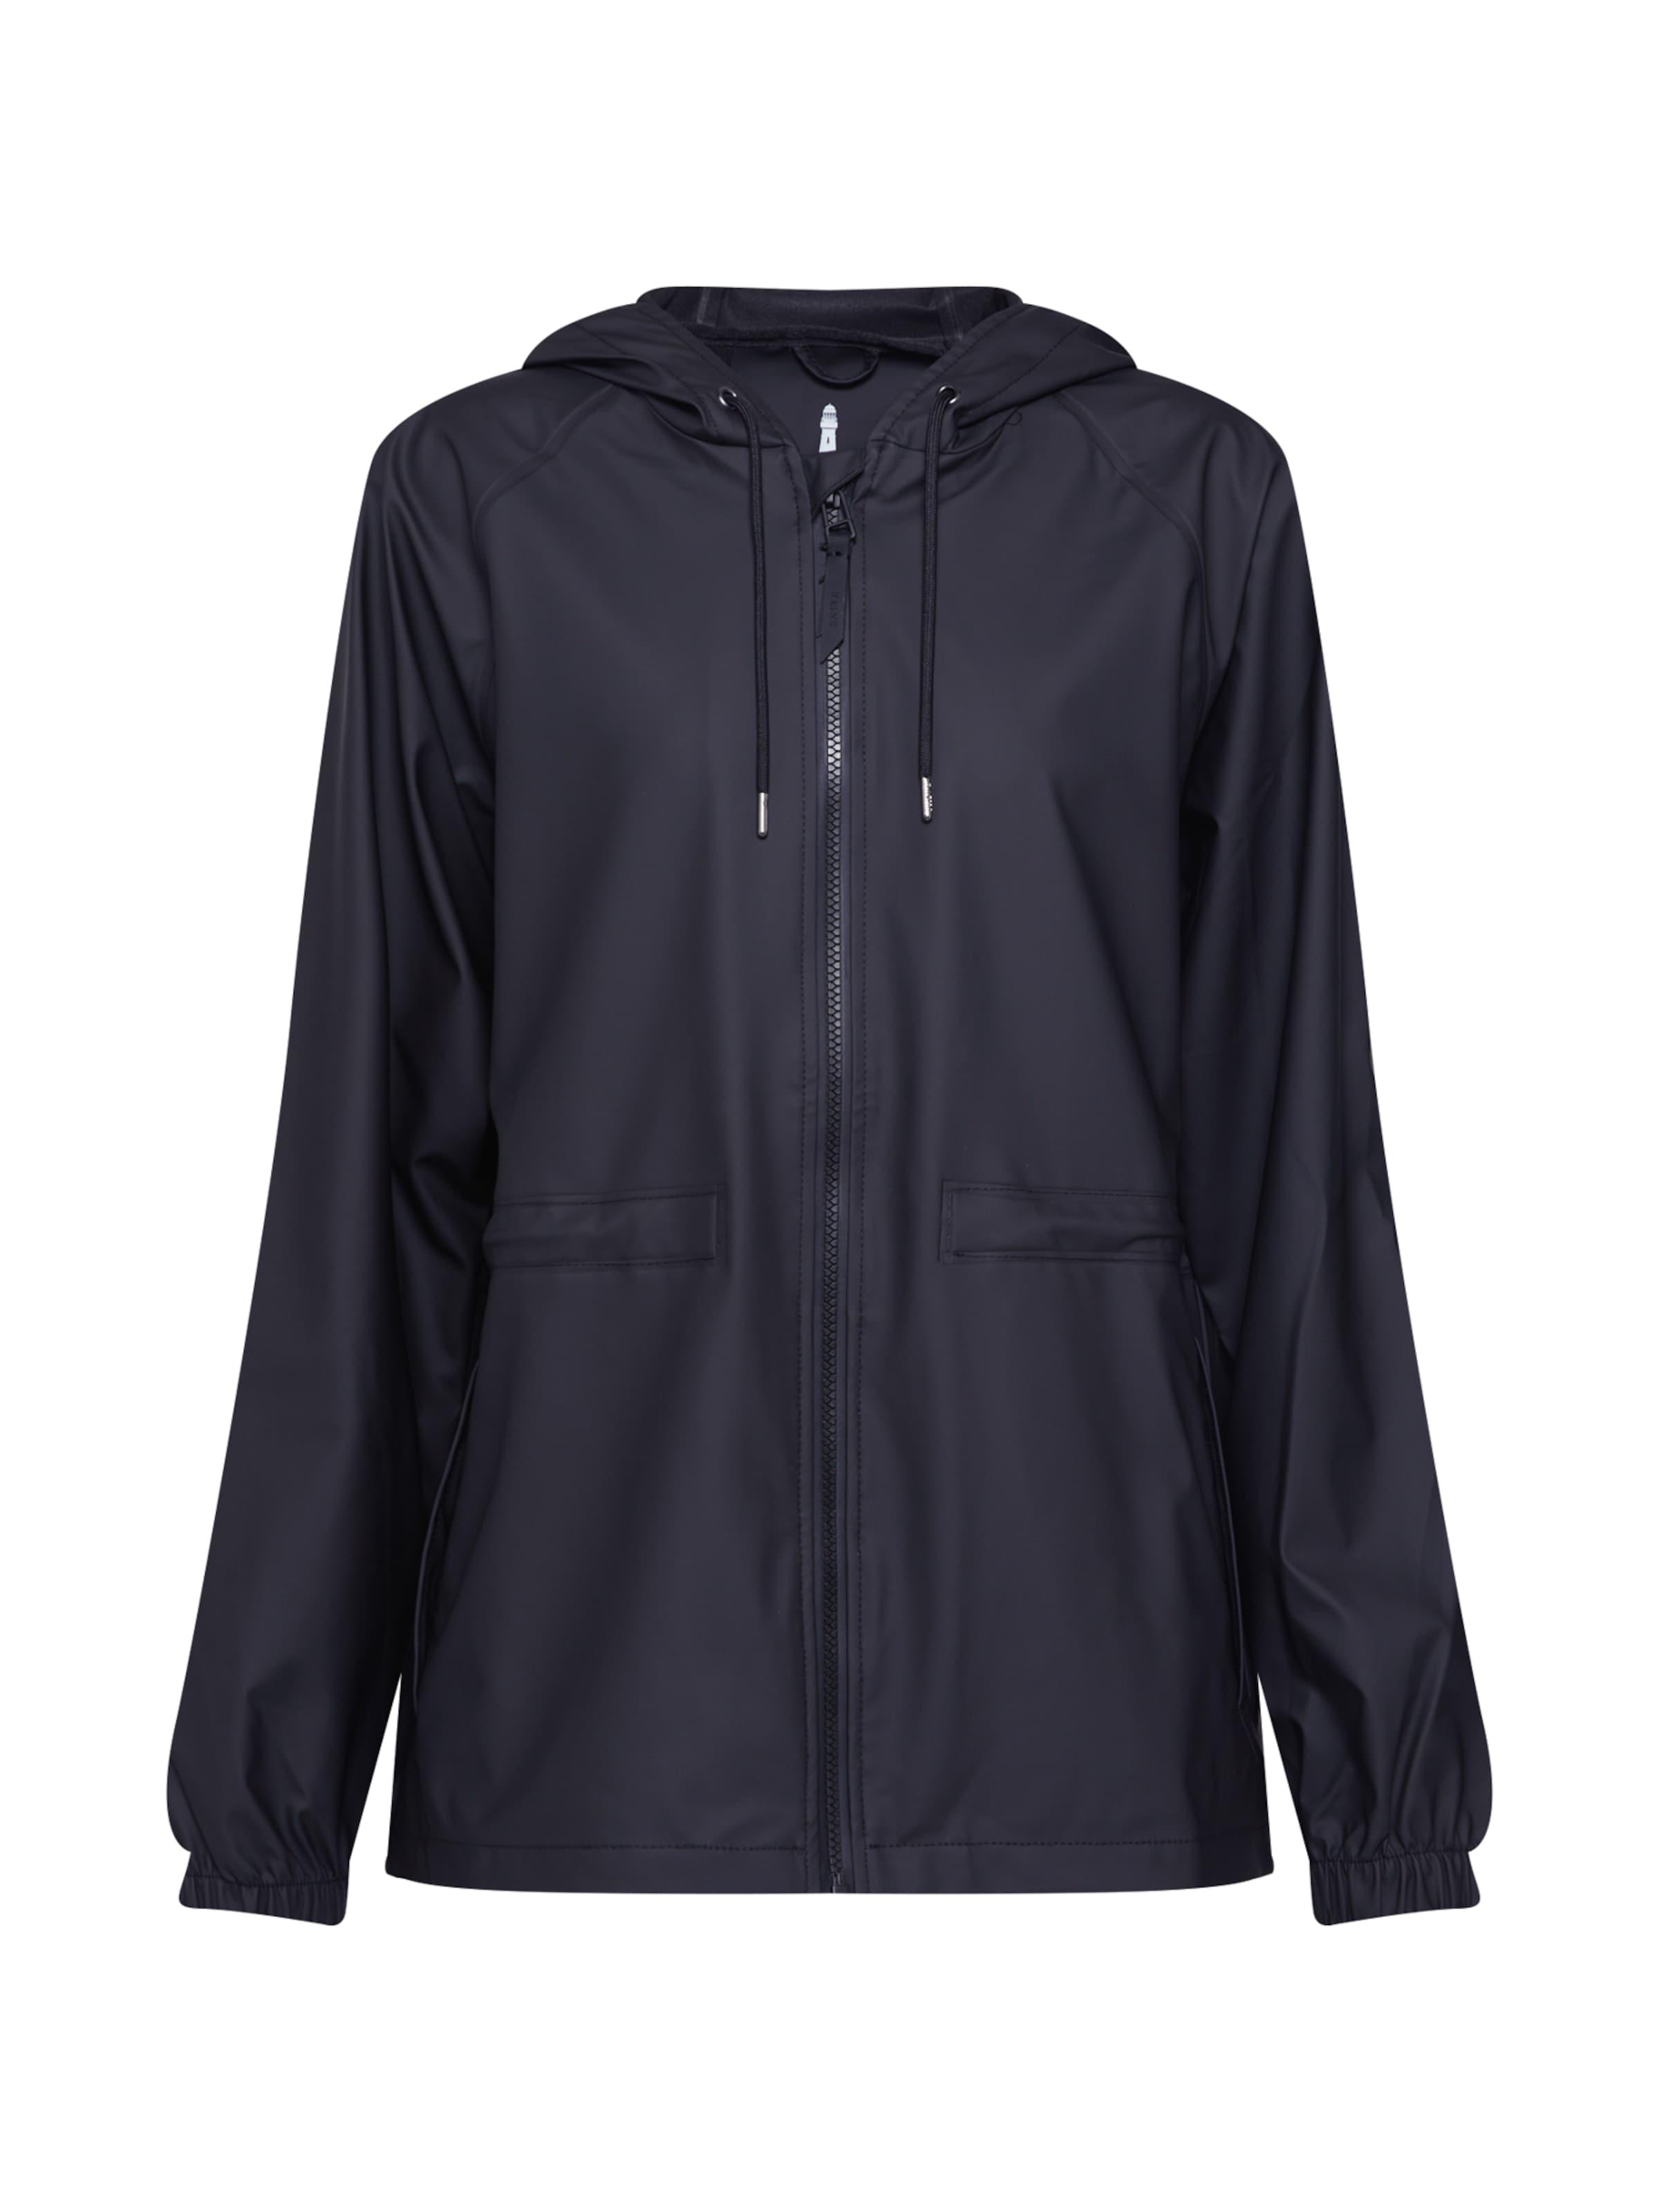 Regenjacke Schwarz Rains 'w Jacket' In pSUzMV